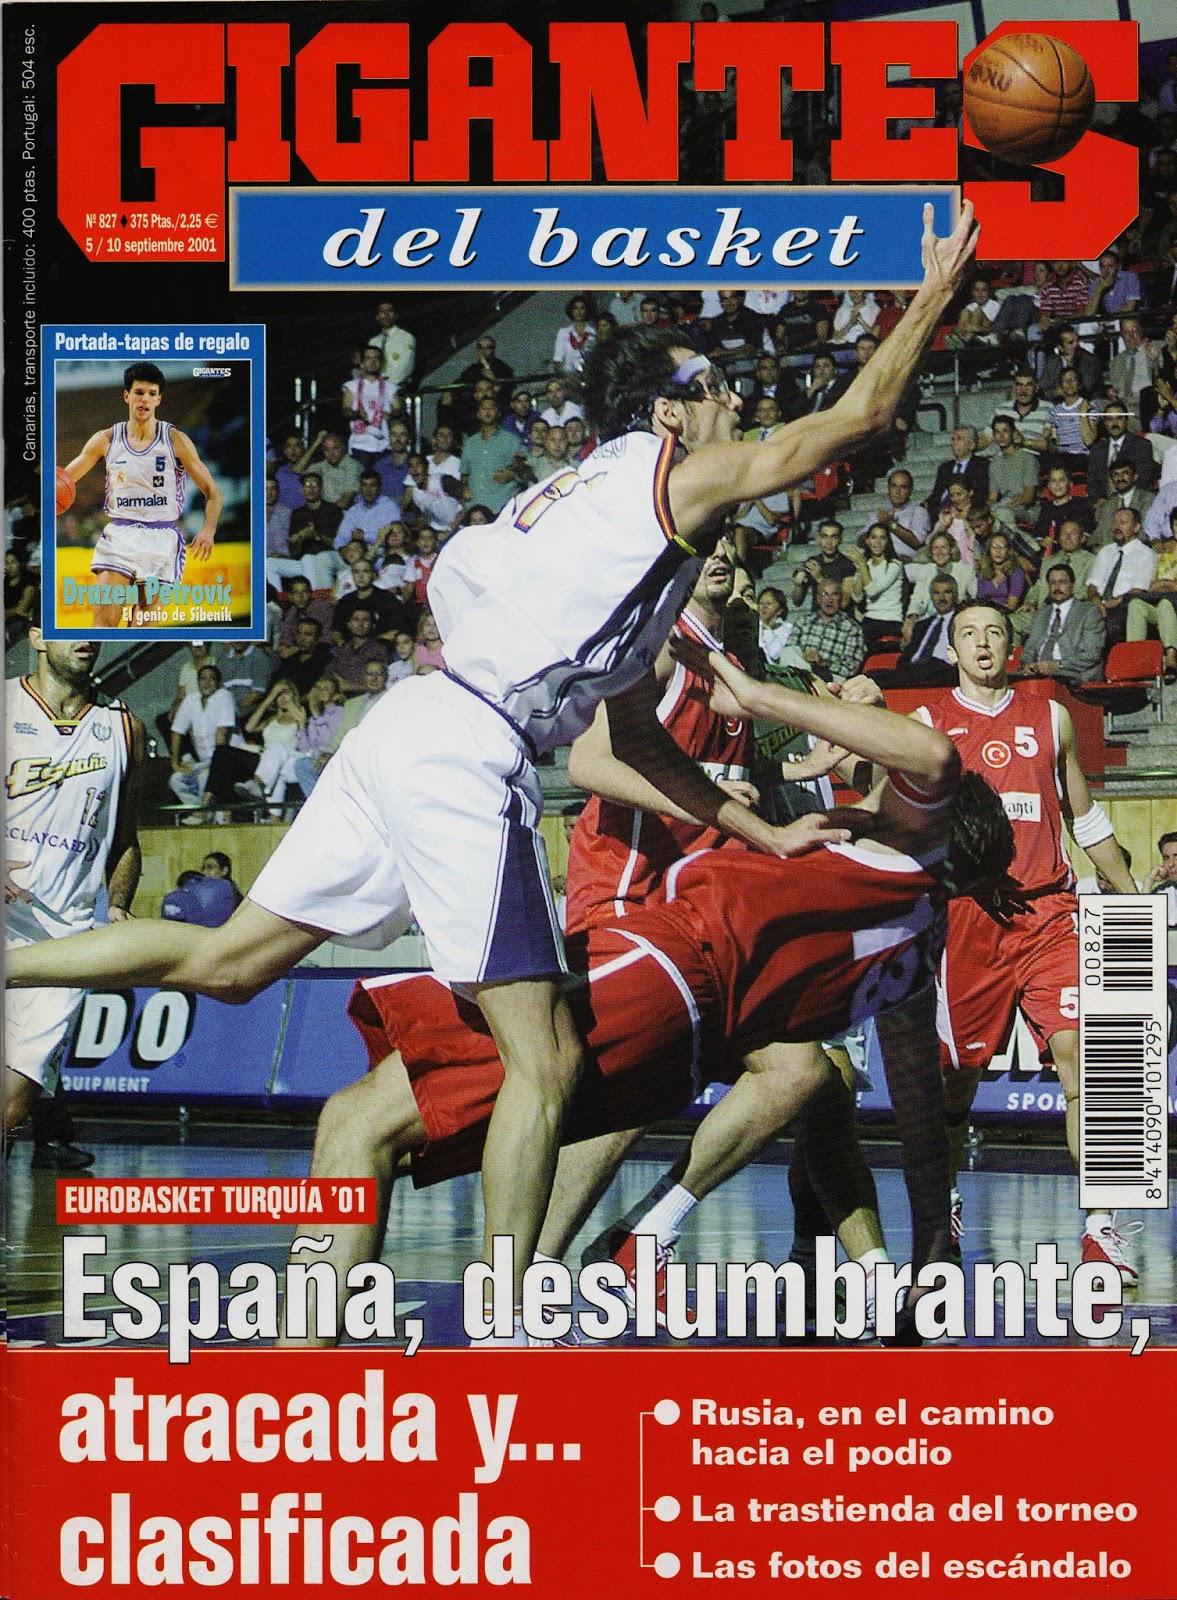 46e80e245d8 -¿Qué es lo que ha dejado de hacer todos estos años dedicados al baloncesto